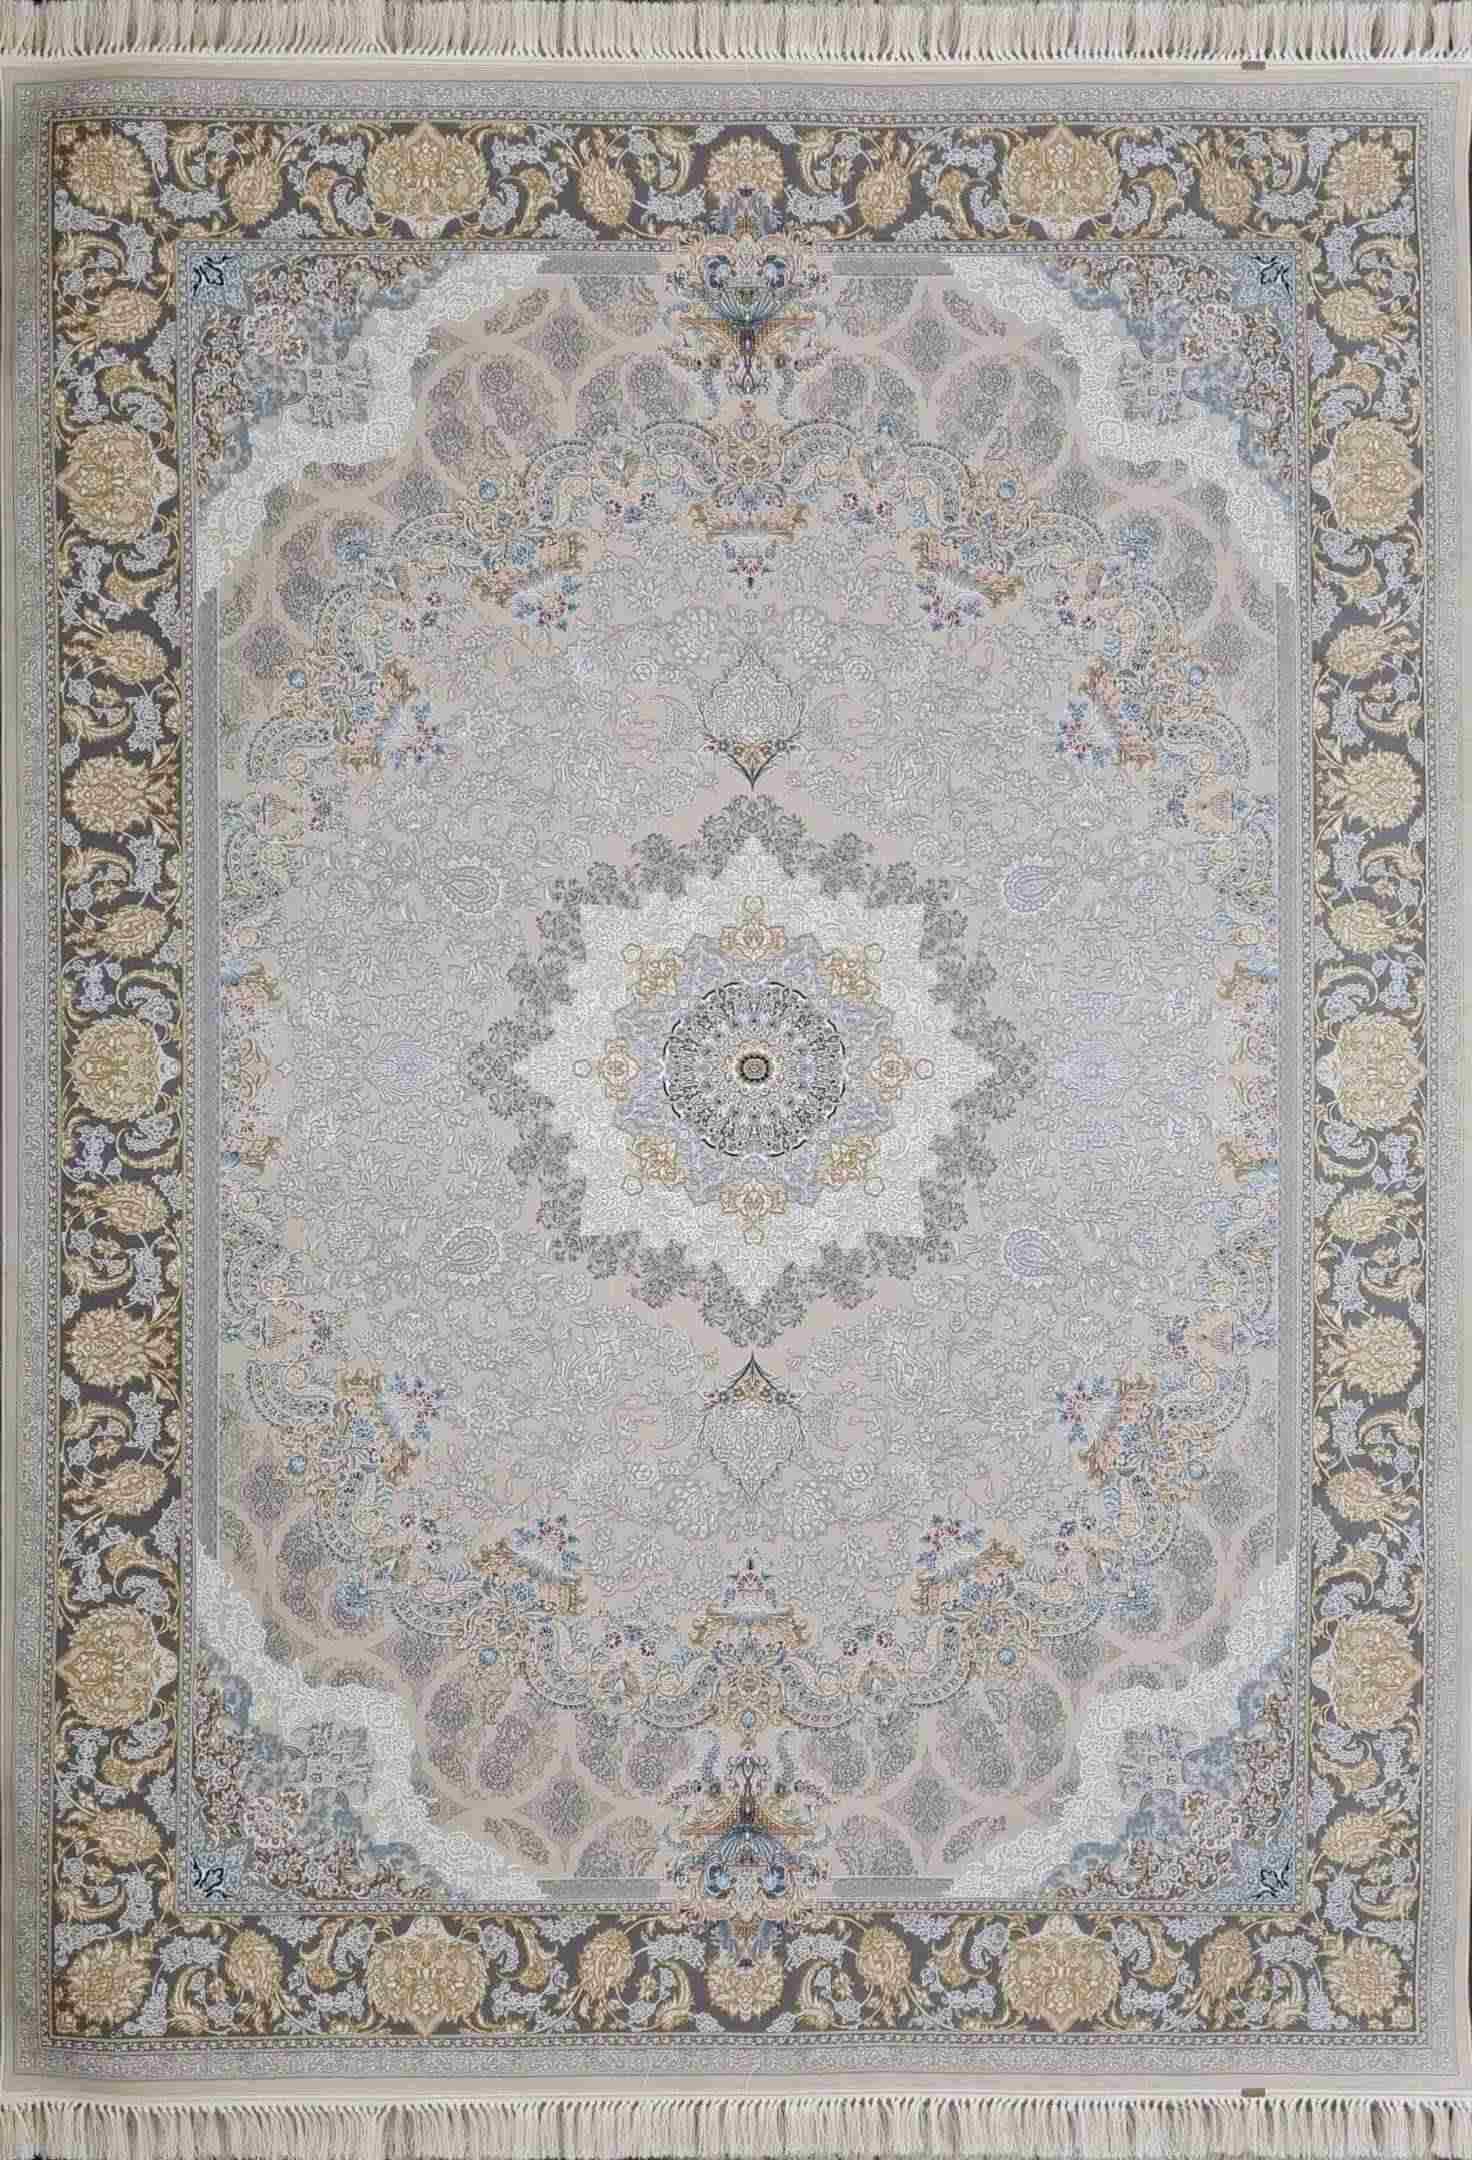 فرش 1000 شانه نقشه اصفهان رنگ کرم گلبرجسته